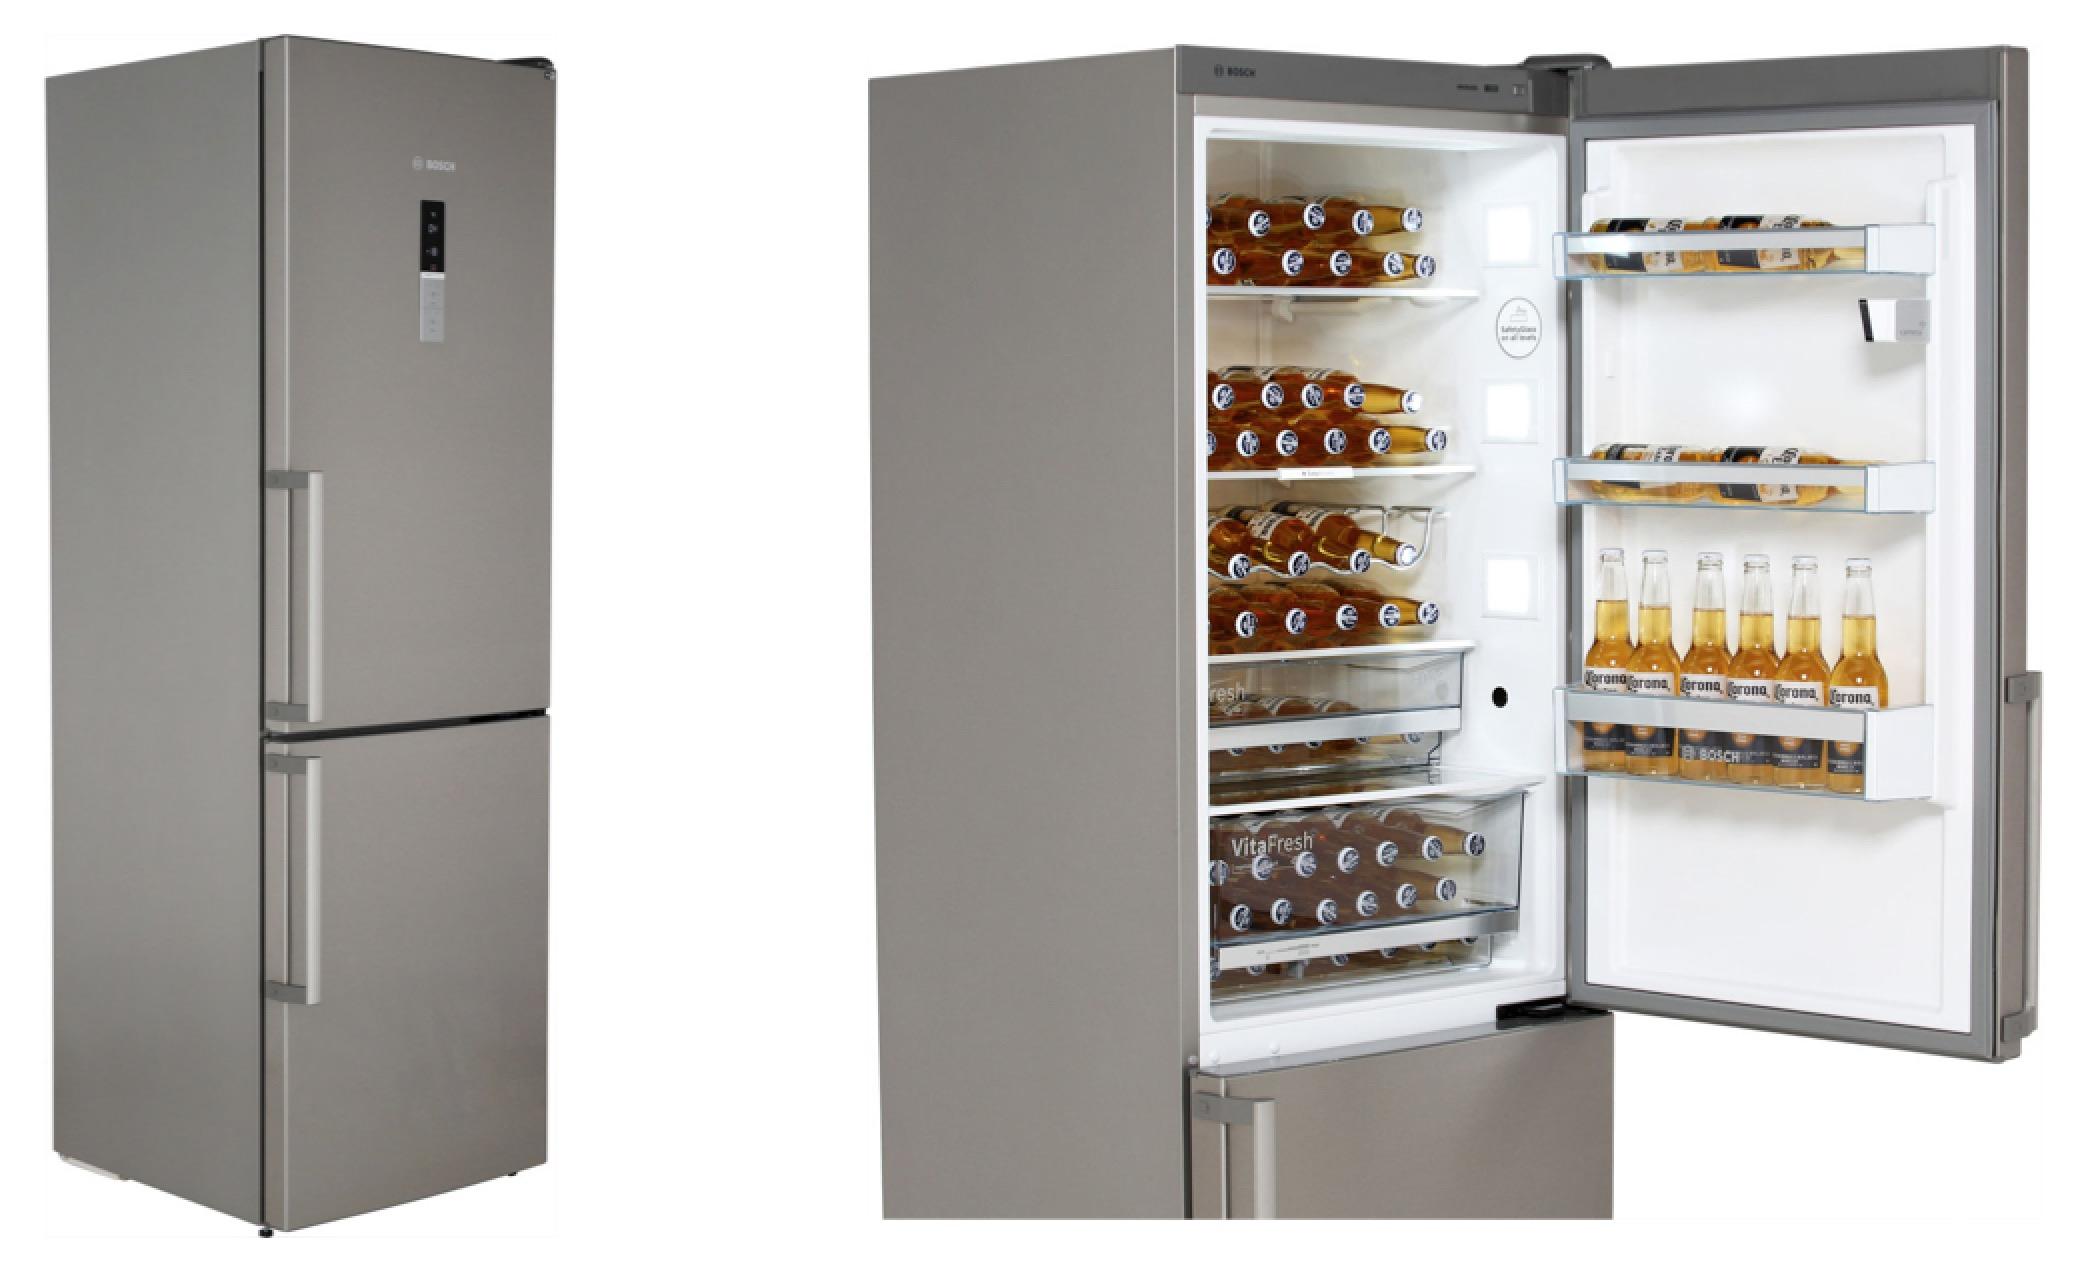 Bosch Kühlschrank Gefrierkombination : Bosch serie kgn hi kühl gefrierkombination mit no frost für